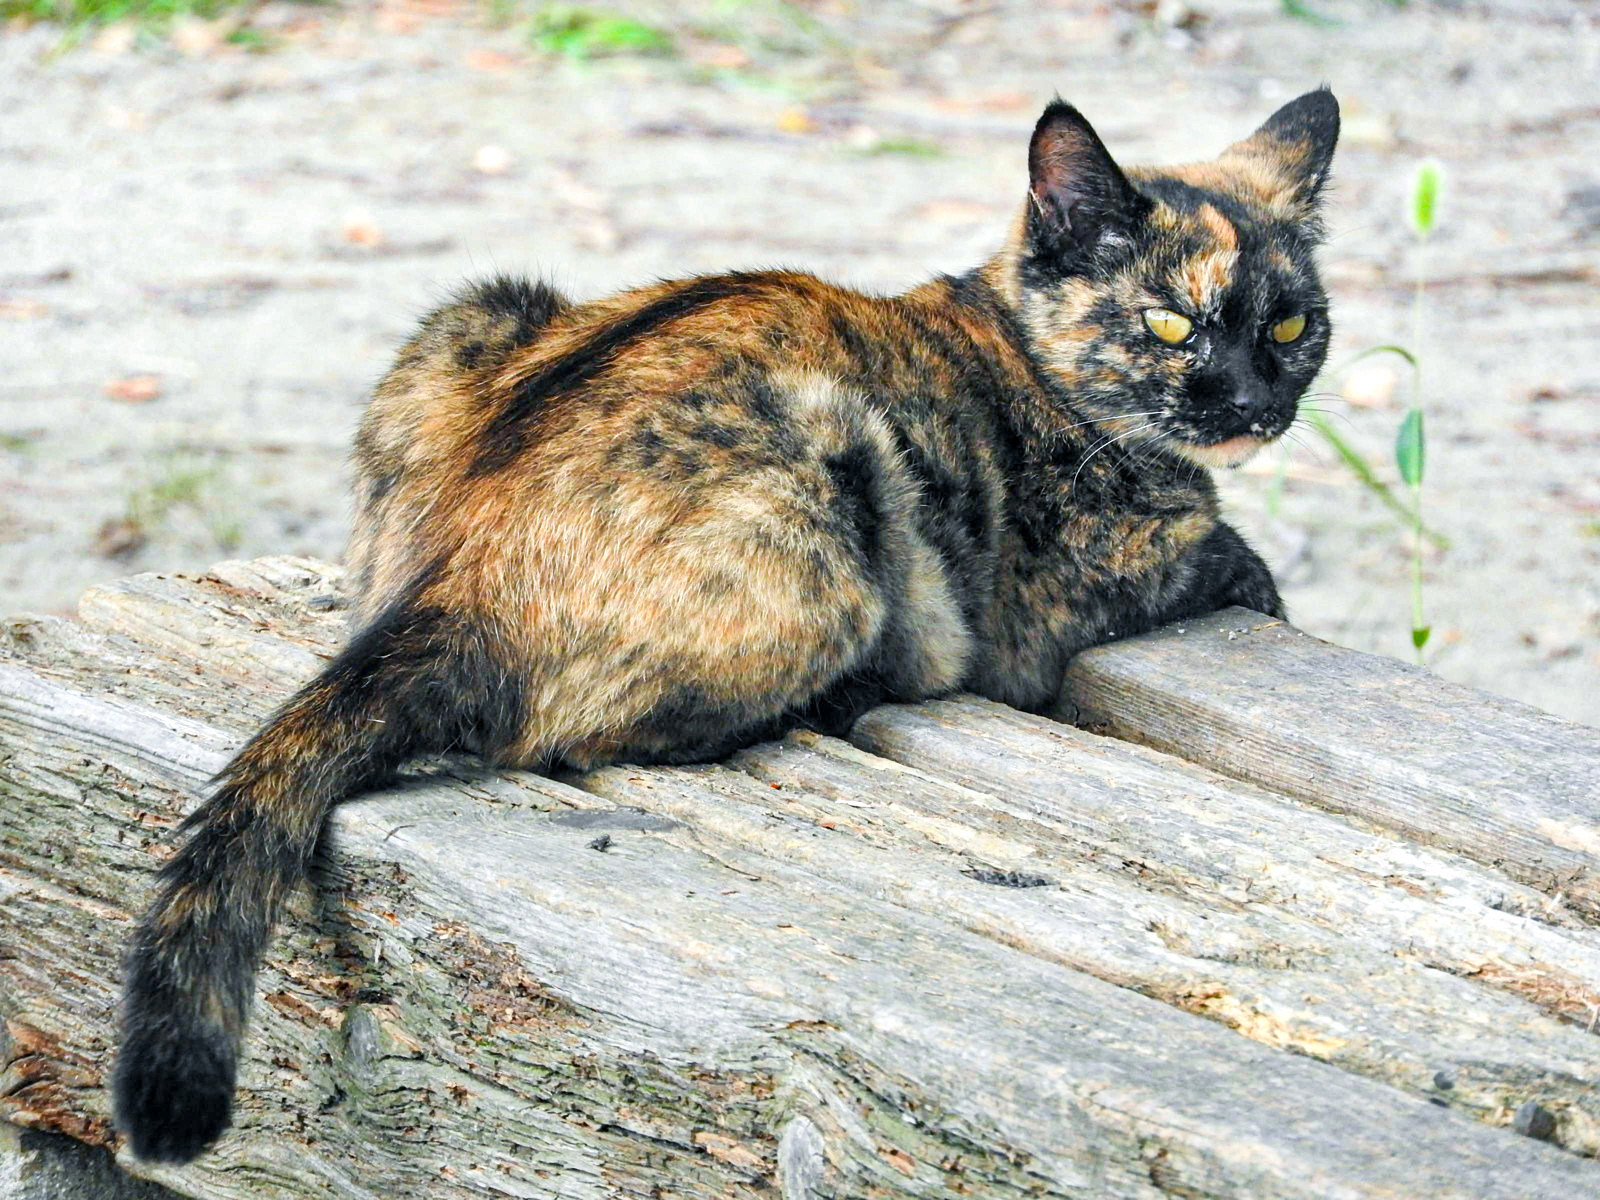 野良猫が心配で保護してしまった、でも飼えない…。